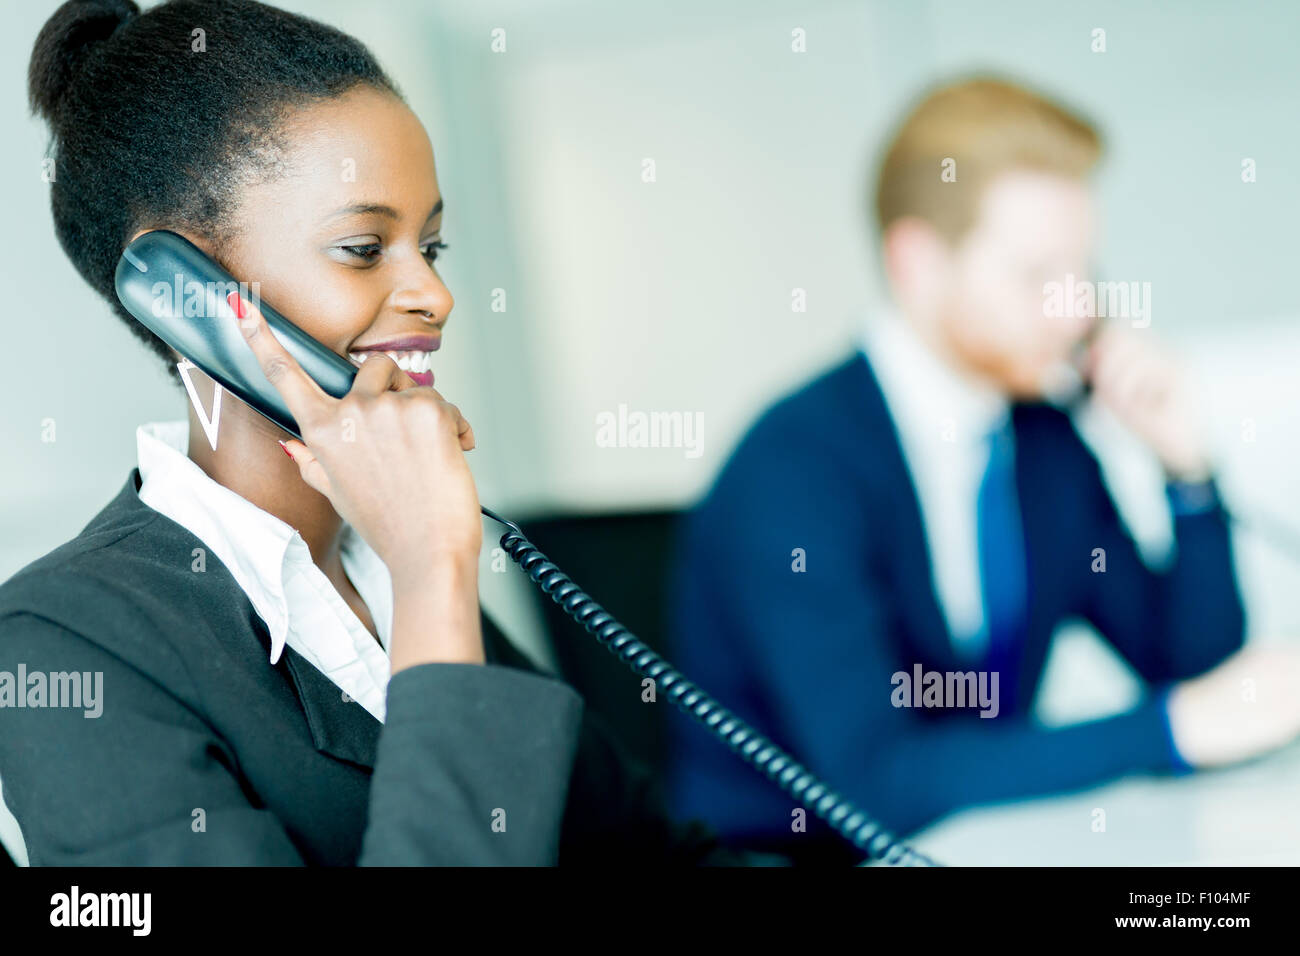 Una bella, nero, giovane donna che lavorano presso un call center in un ufficio con il suo red haird partner sull'altra Immagini Stock